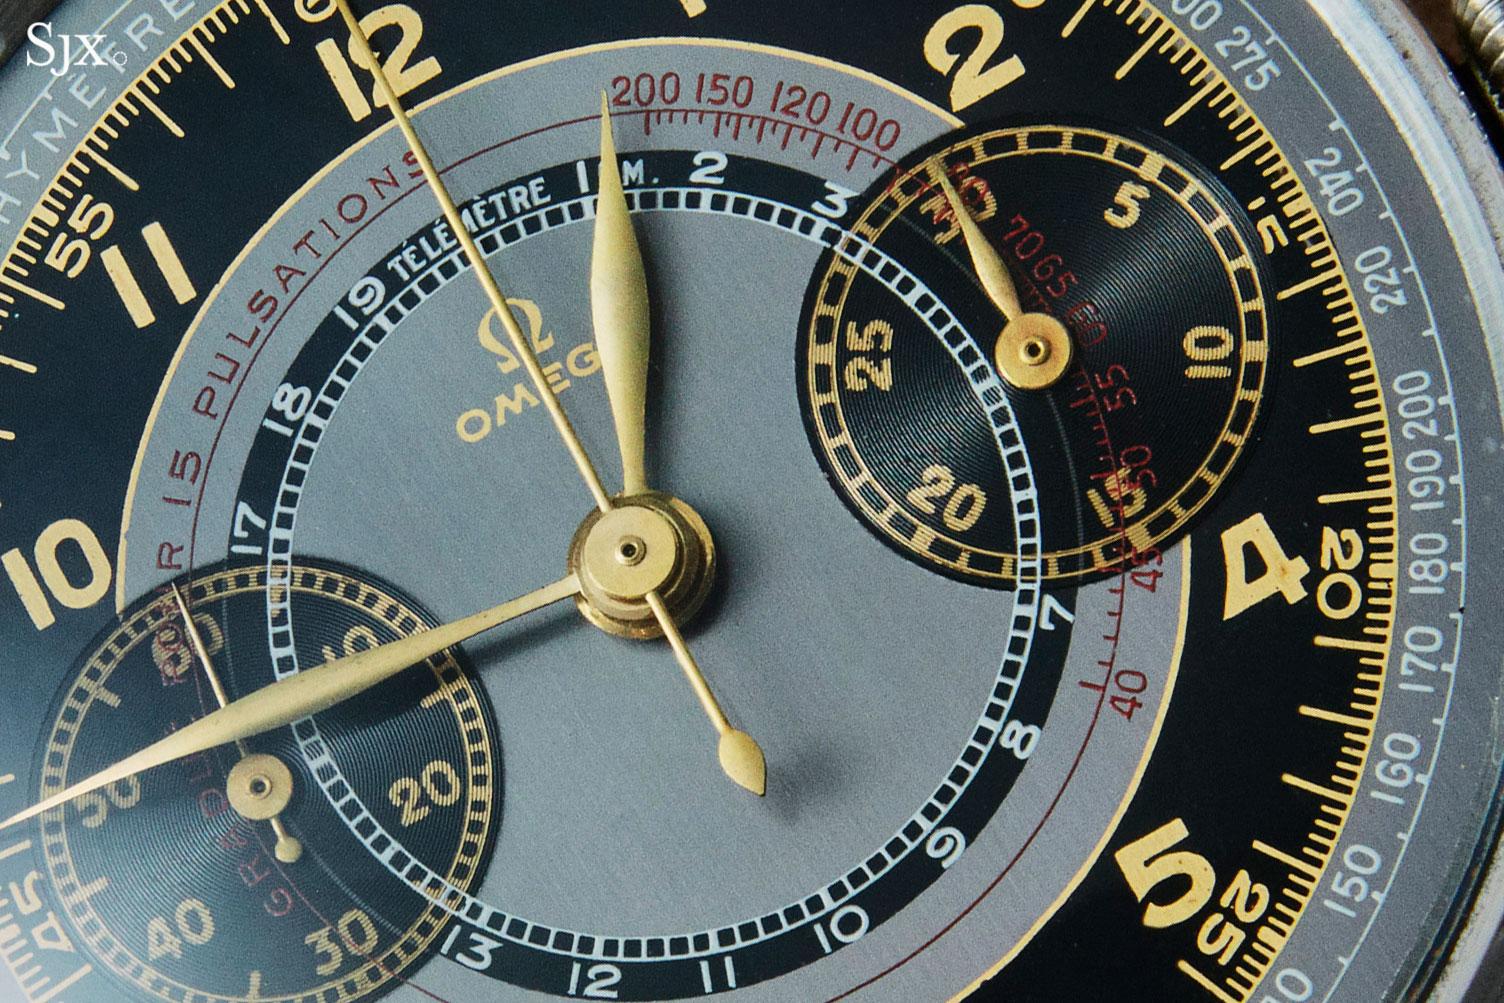 Omega CK2079 chronograph 33.3 2